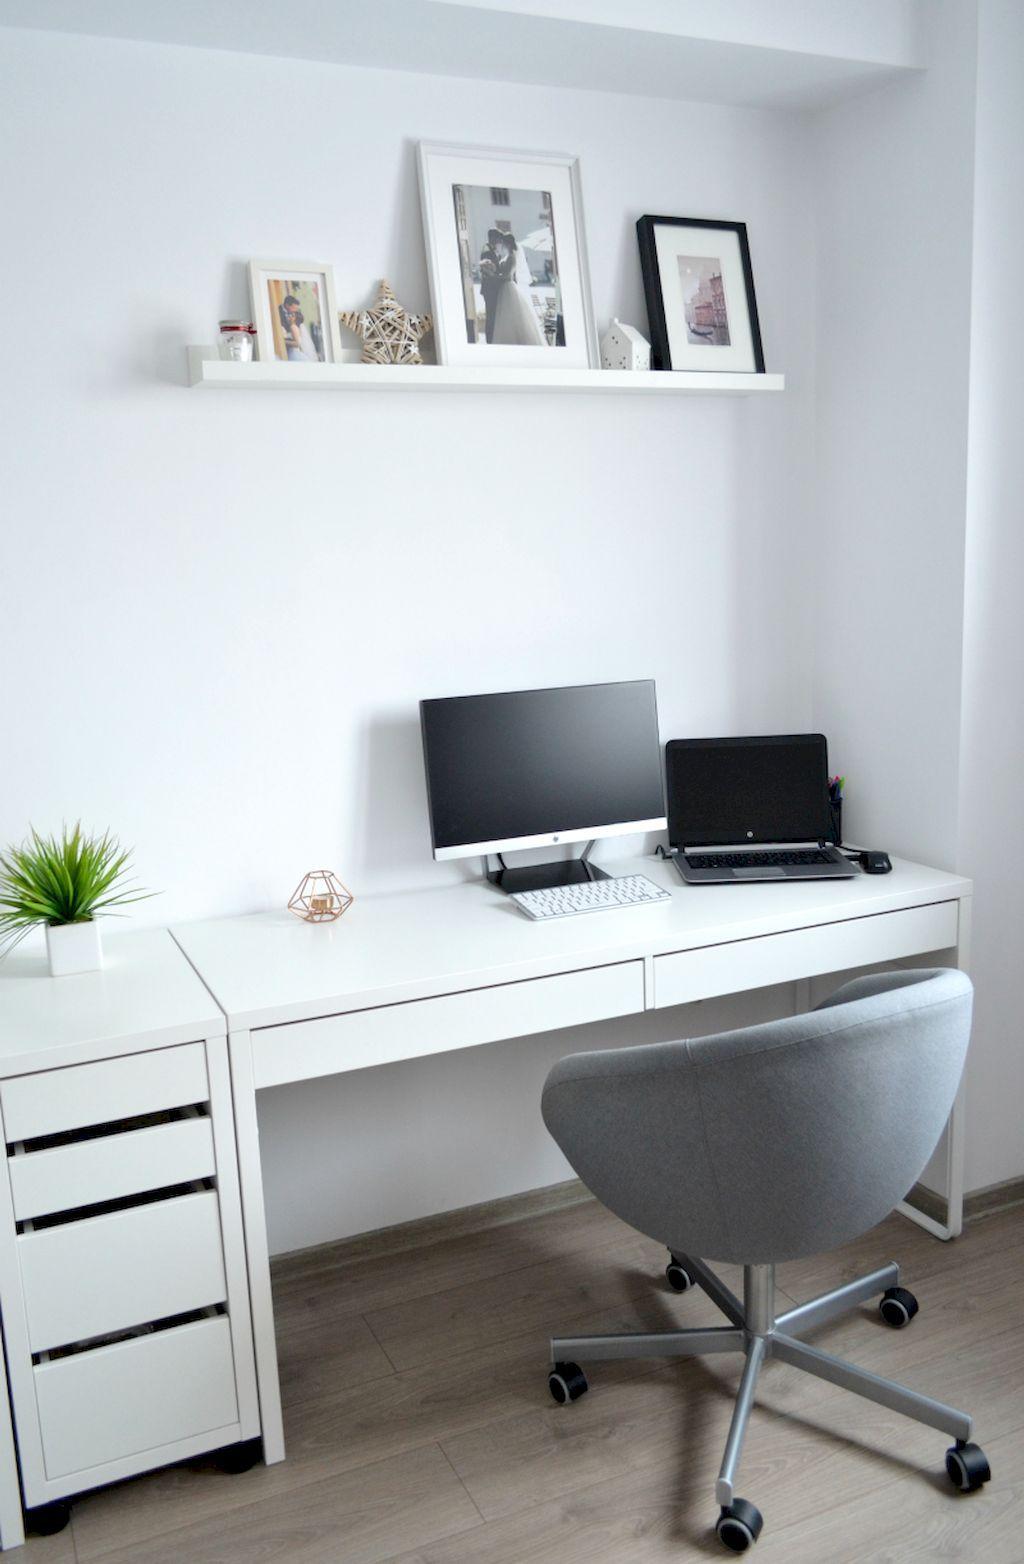 70 Minimalist Living Room Design Ideas | Minimalist, Bedrooms and ...